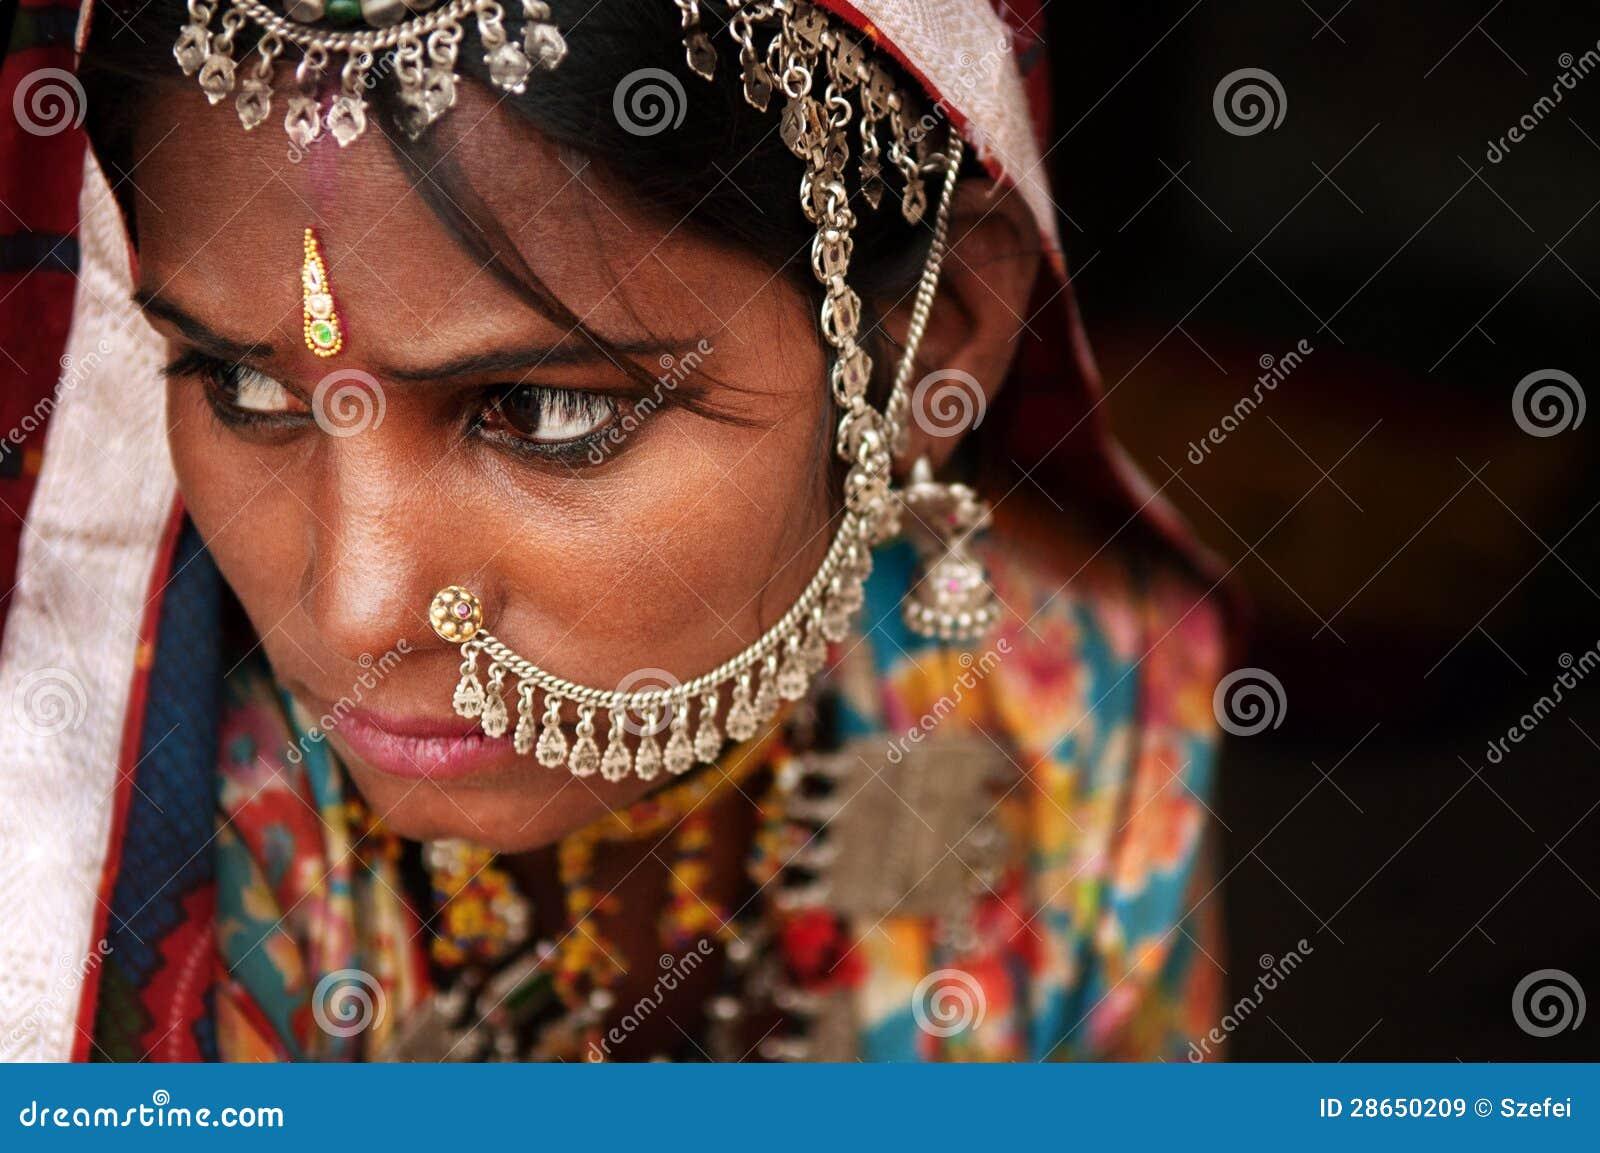 Фото индийских девушек крупным планом 12 фотография